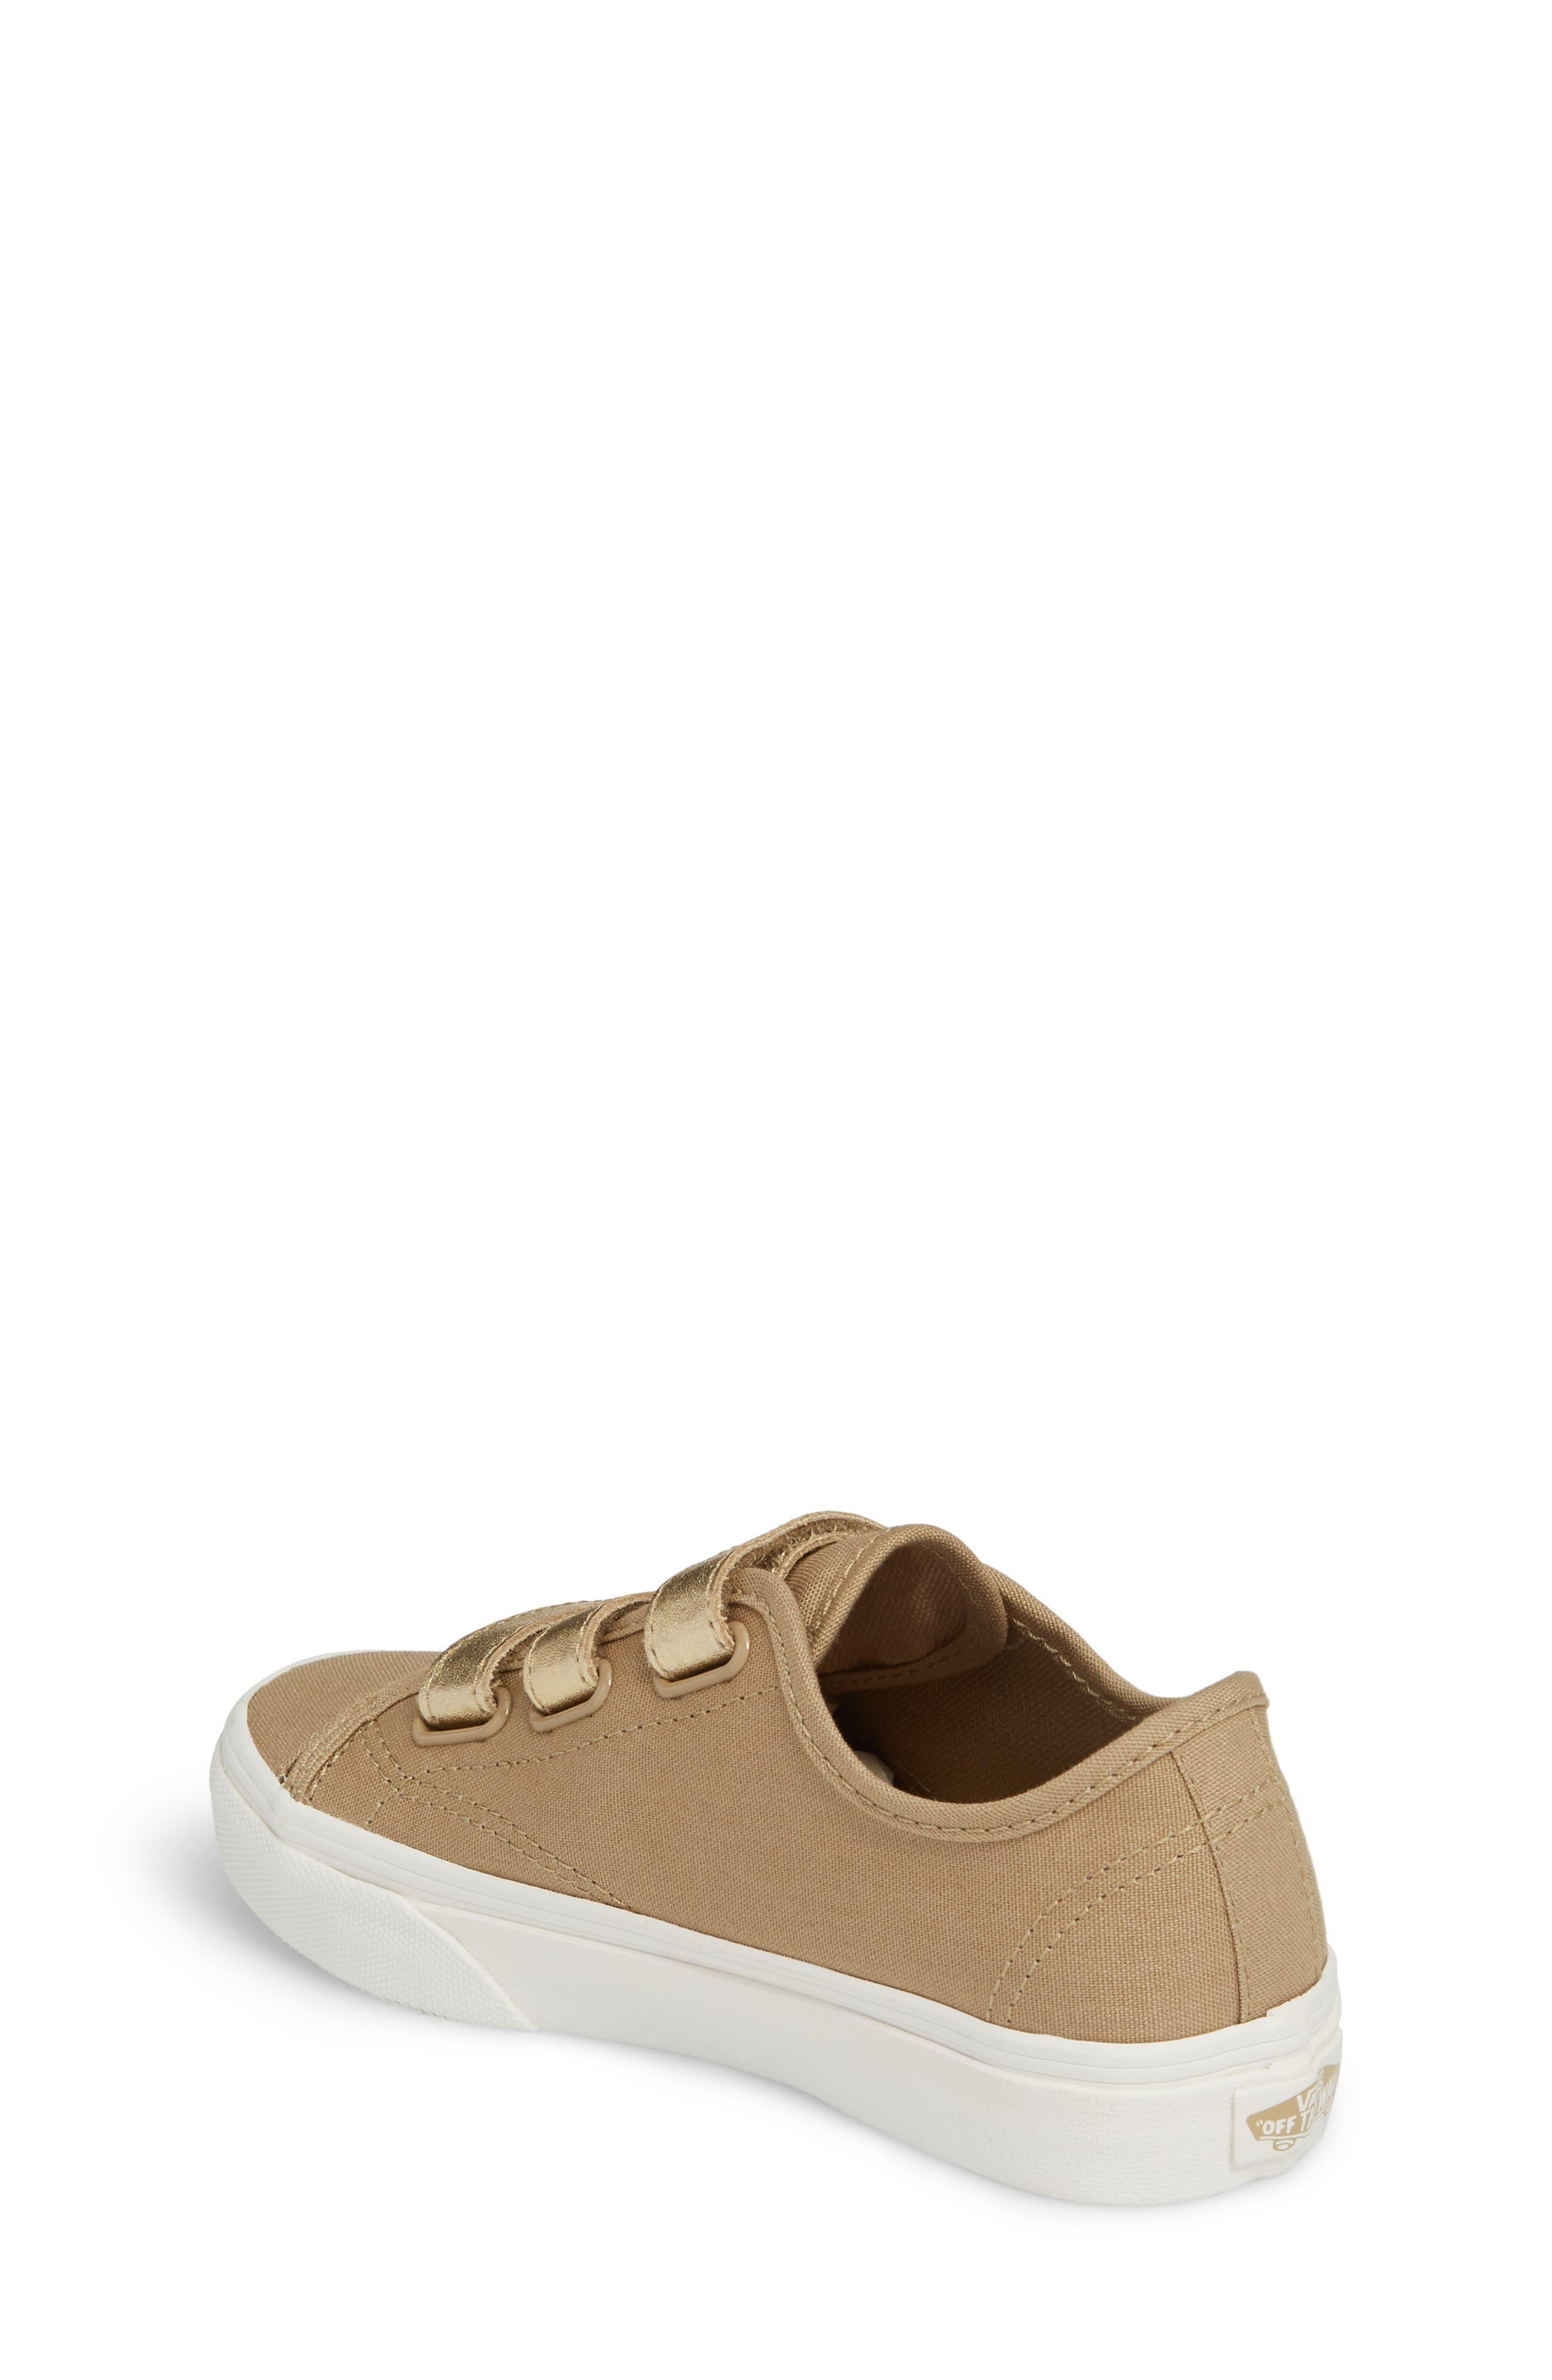 Style 23V Sneaker,                             Alternate thumbnail 2, color,